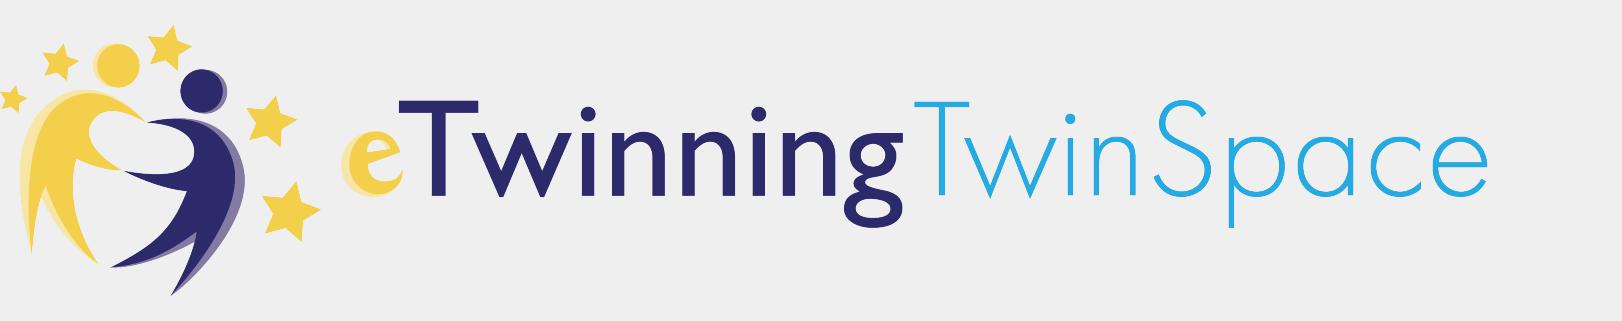 eTwinning Twin Space